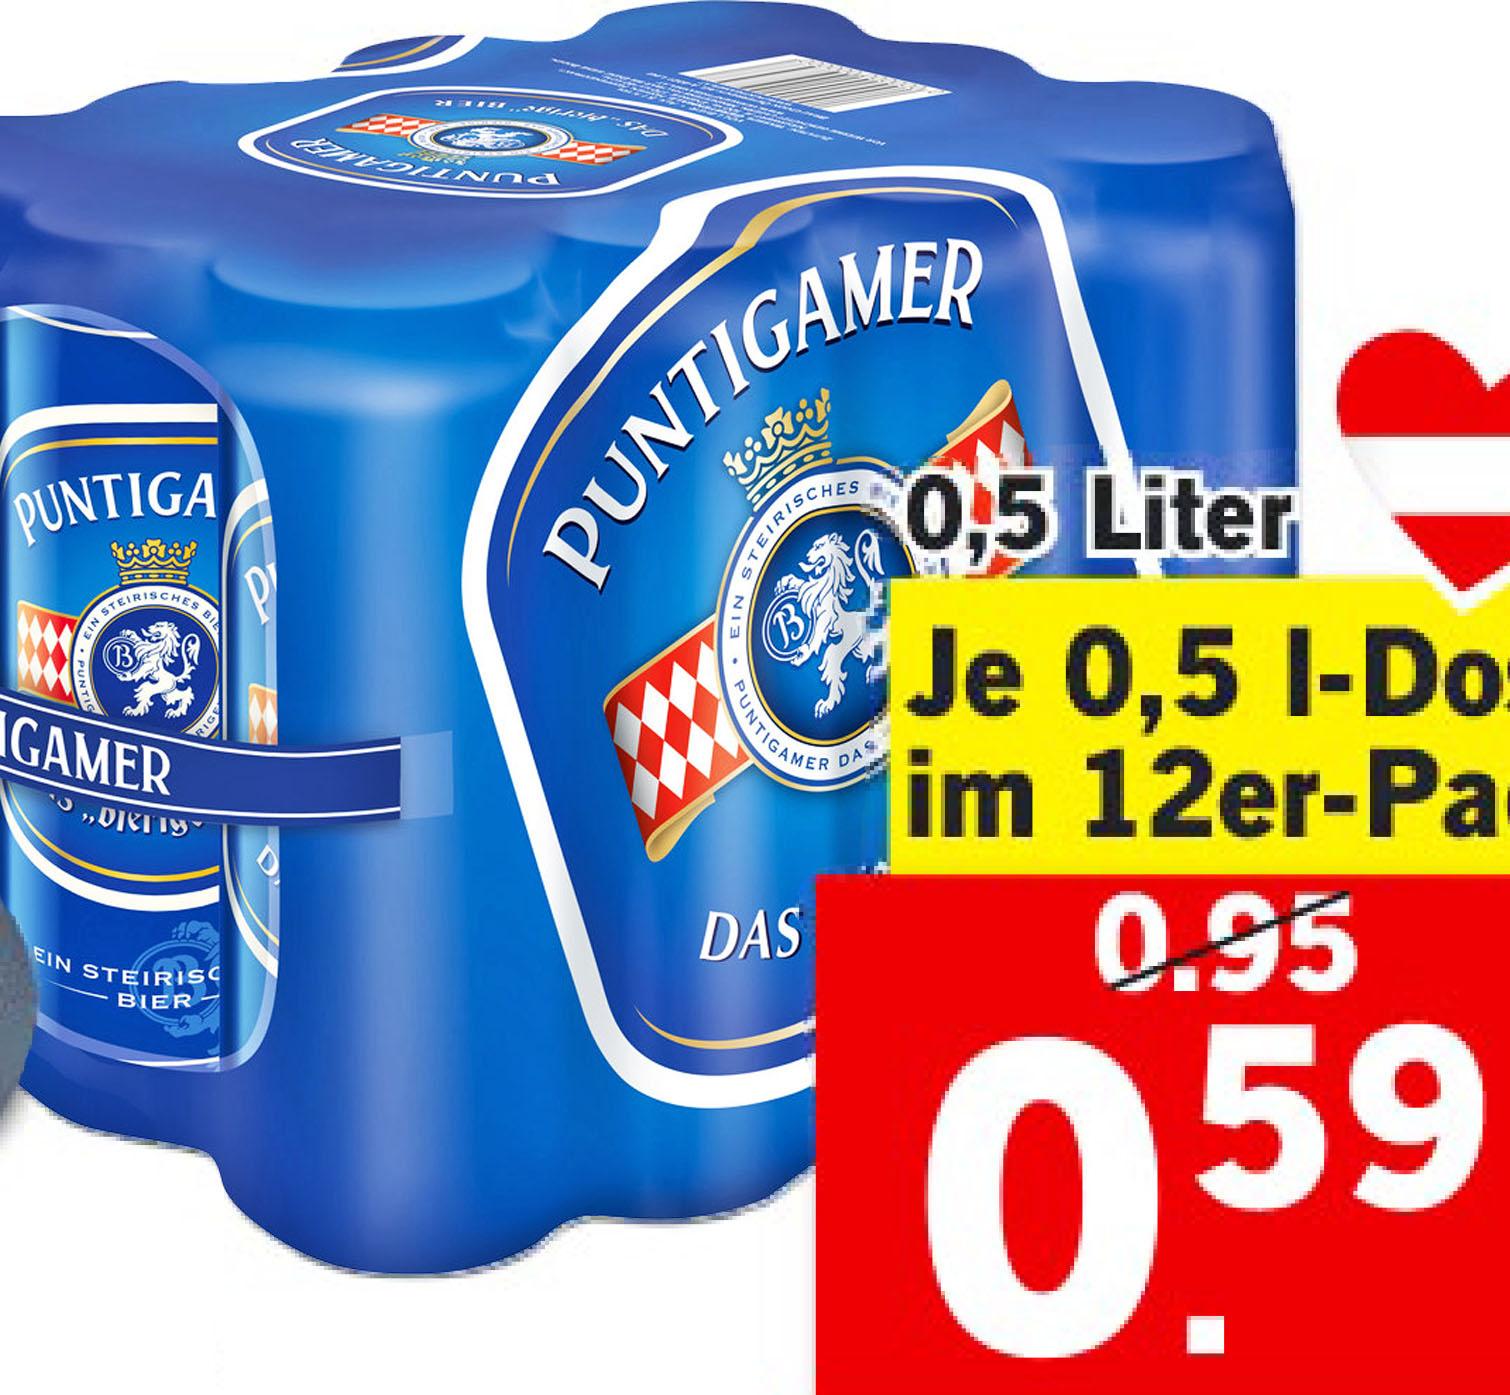 PUNTIGAMER Märzenbier 12er Pack bei (Lidl)